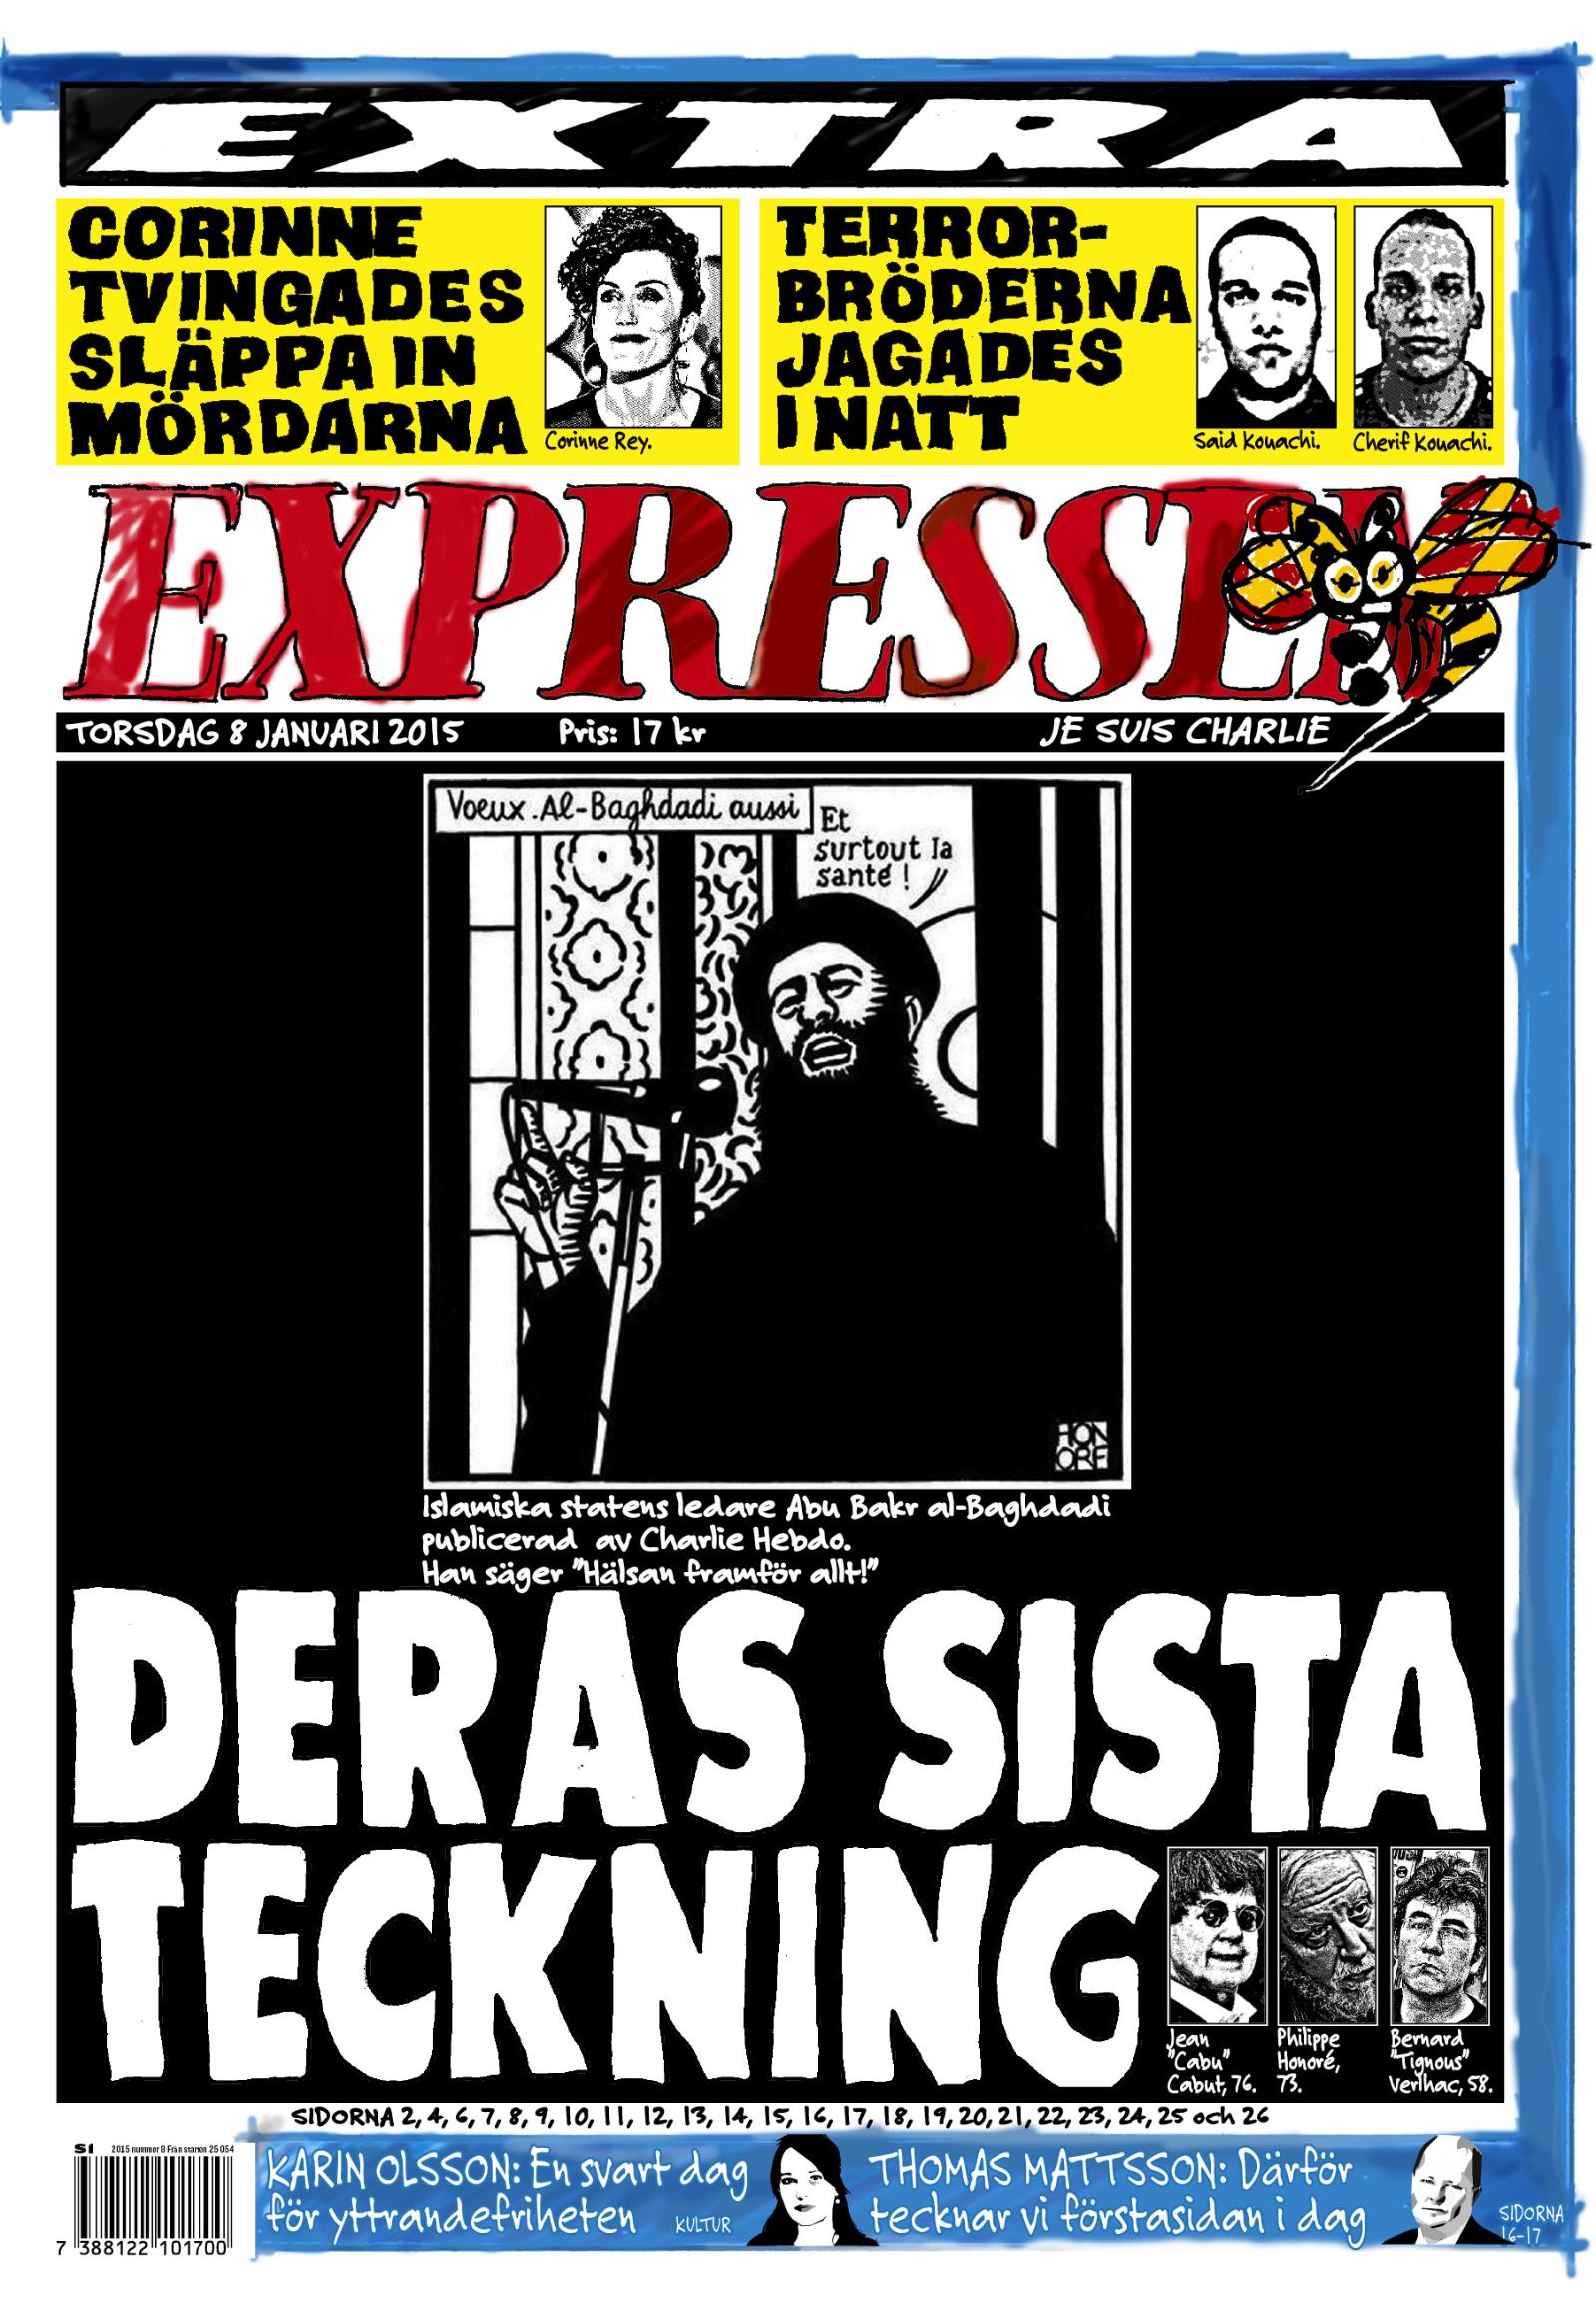 Sidan ett som Helen Rasmusen handritade för Expressen natten mot 8 januari 2015 – en hyllning till offren i terrorattacken dagen innan, mot den franska tidningen Charlie Hebdo i Frankrike.